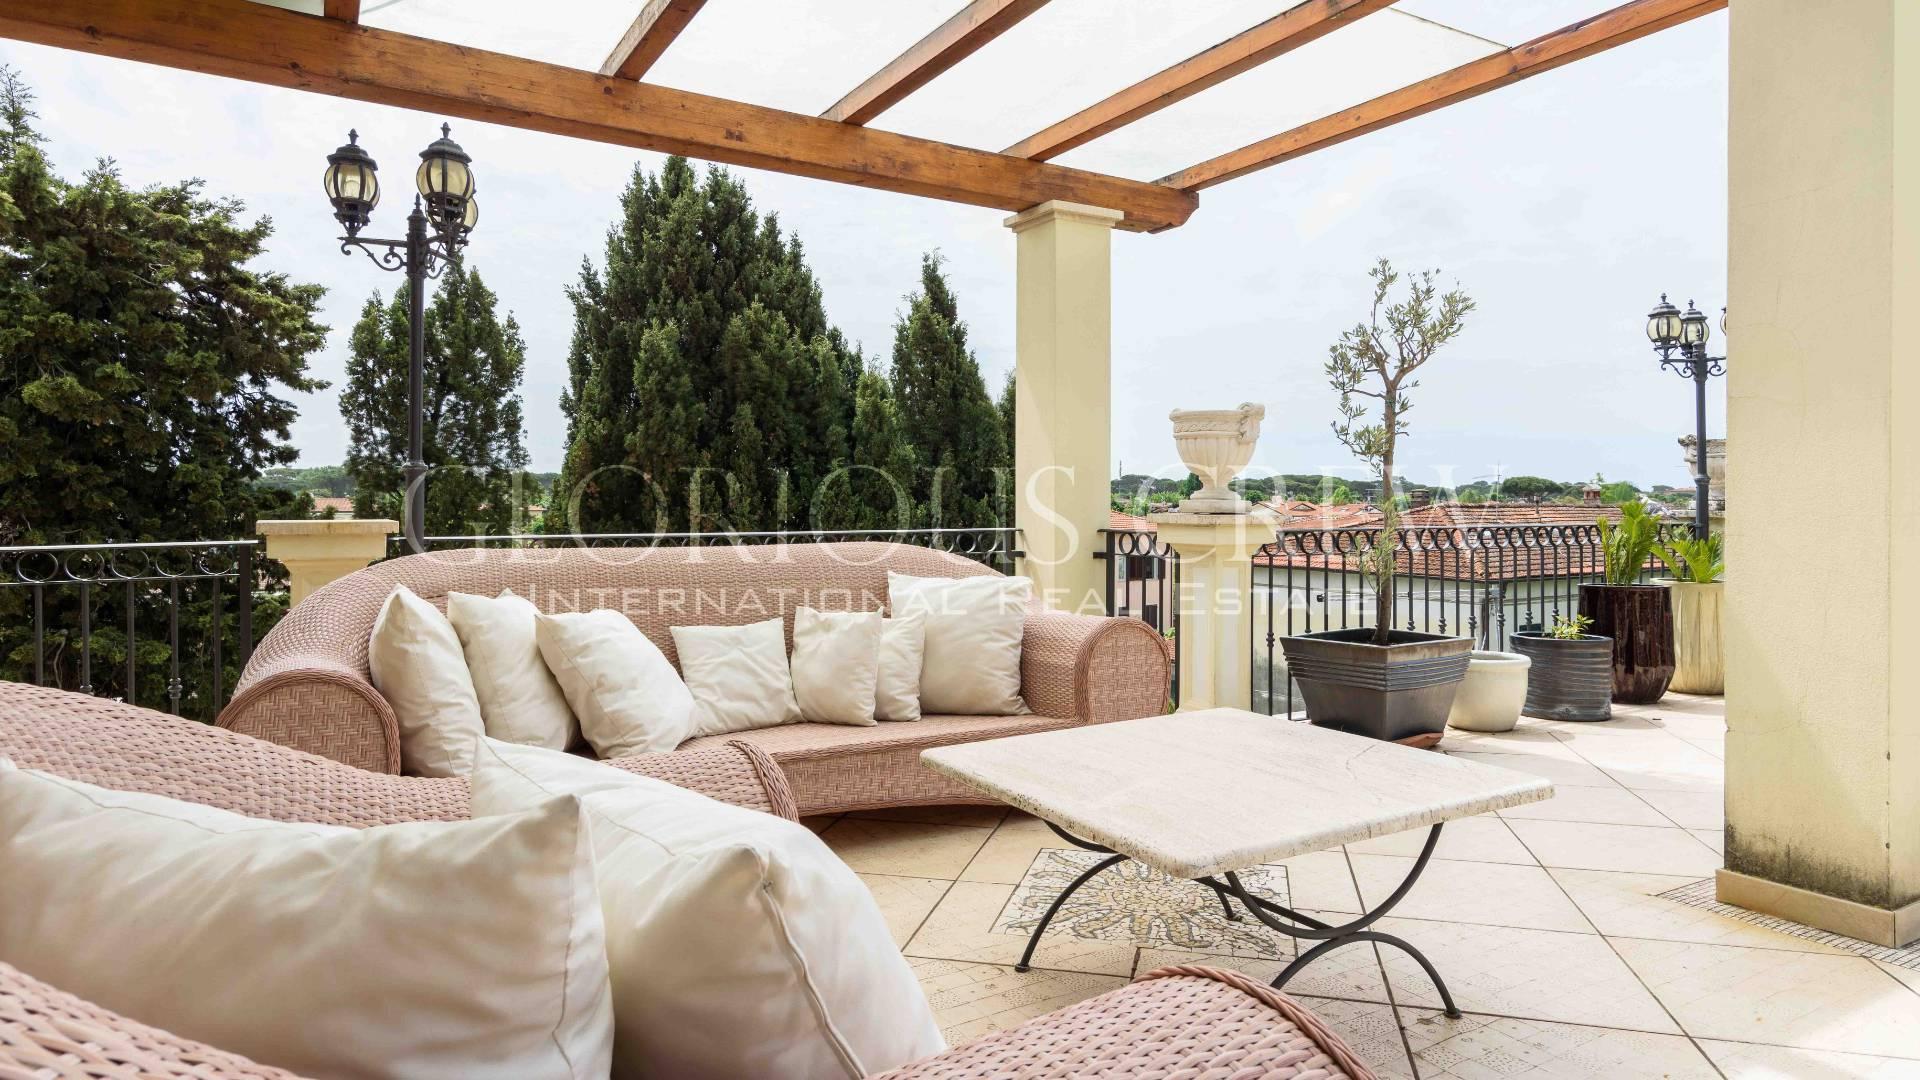 Appartamento in Vendita a Forte Dei Marmi: 4 locali, 155 mq - Foto 2